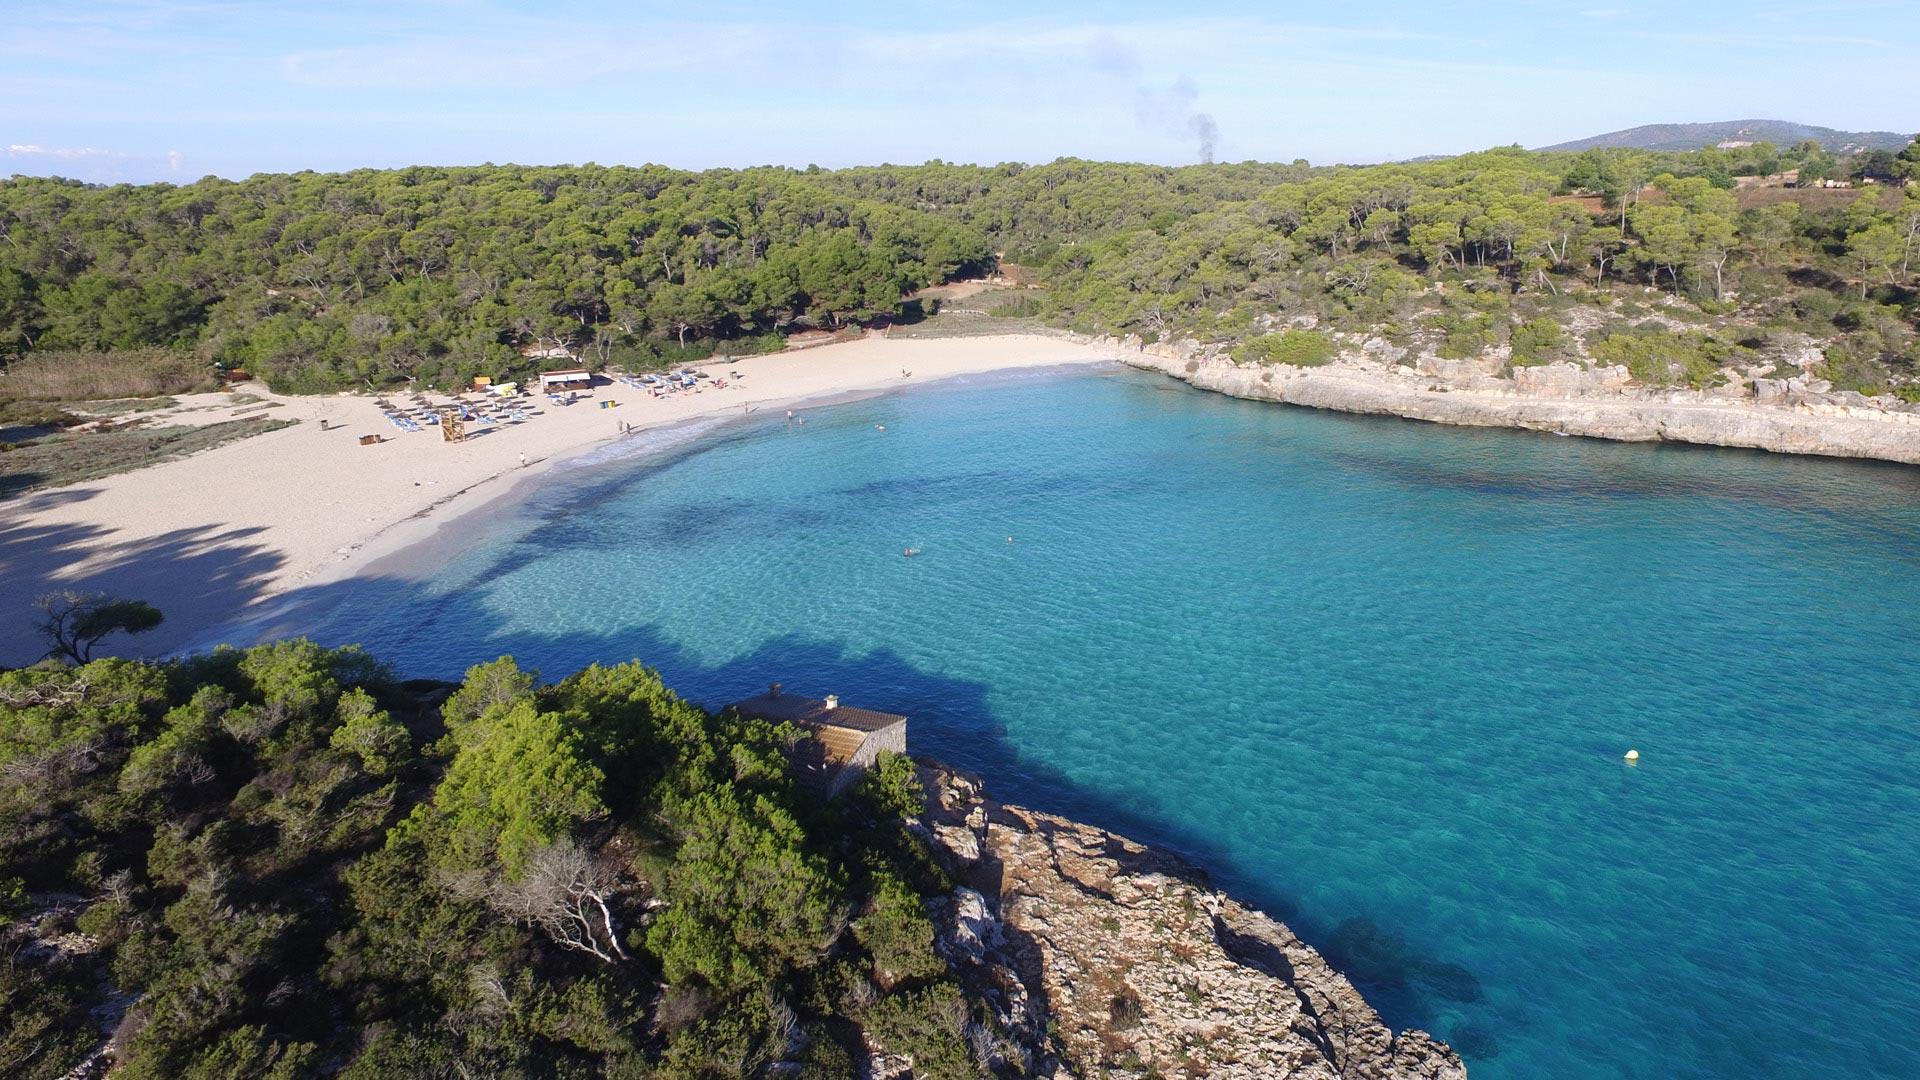 Vista aérea a la playa S'Amarador, Cala Mondragó.